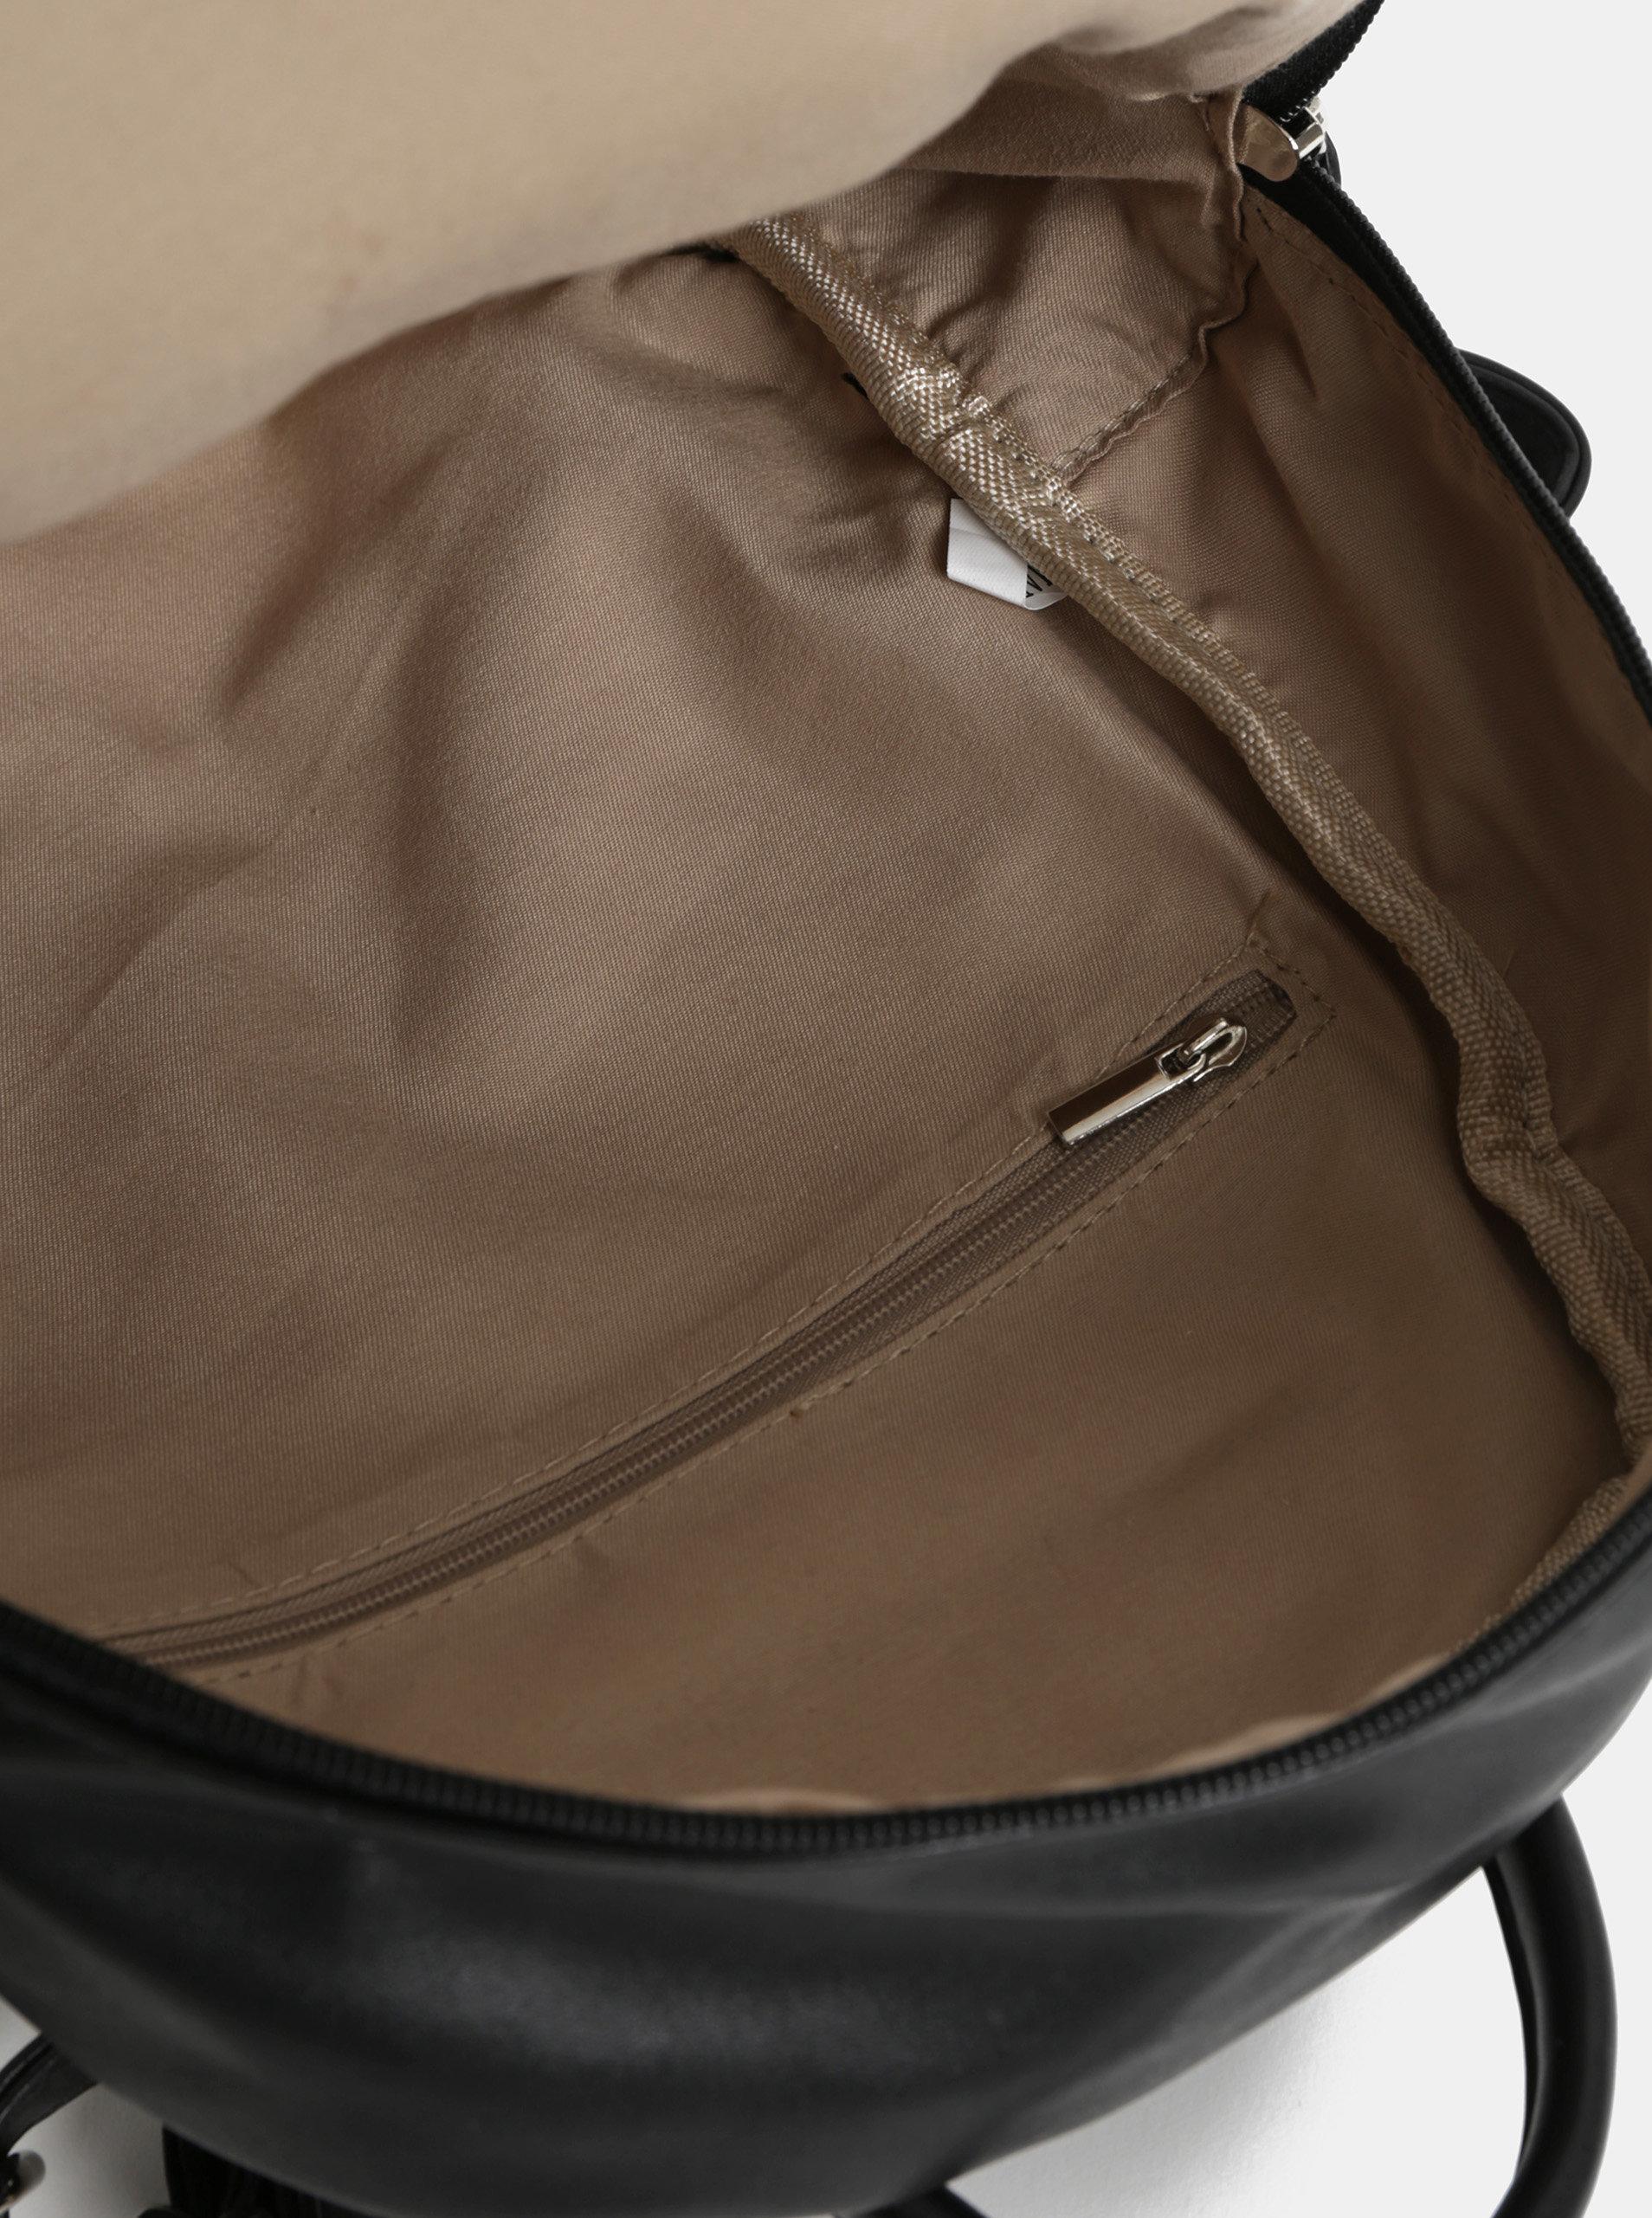 Čierny koženkový batoh s predným vreckom ZOOT ... d76cb432568